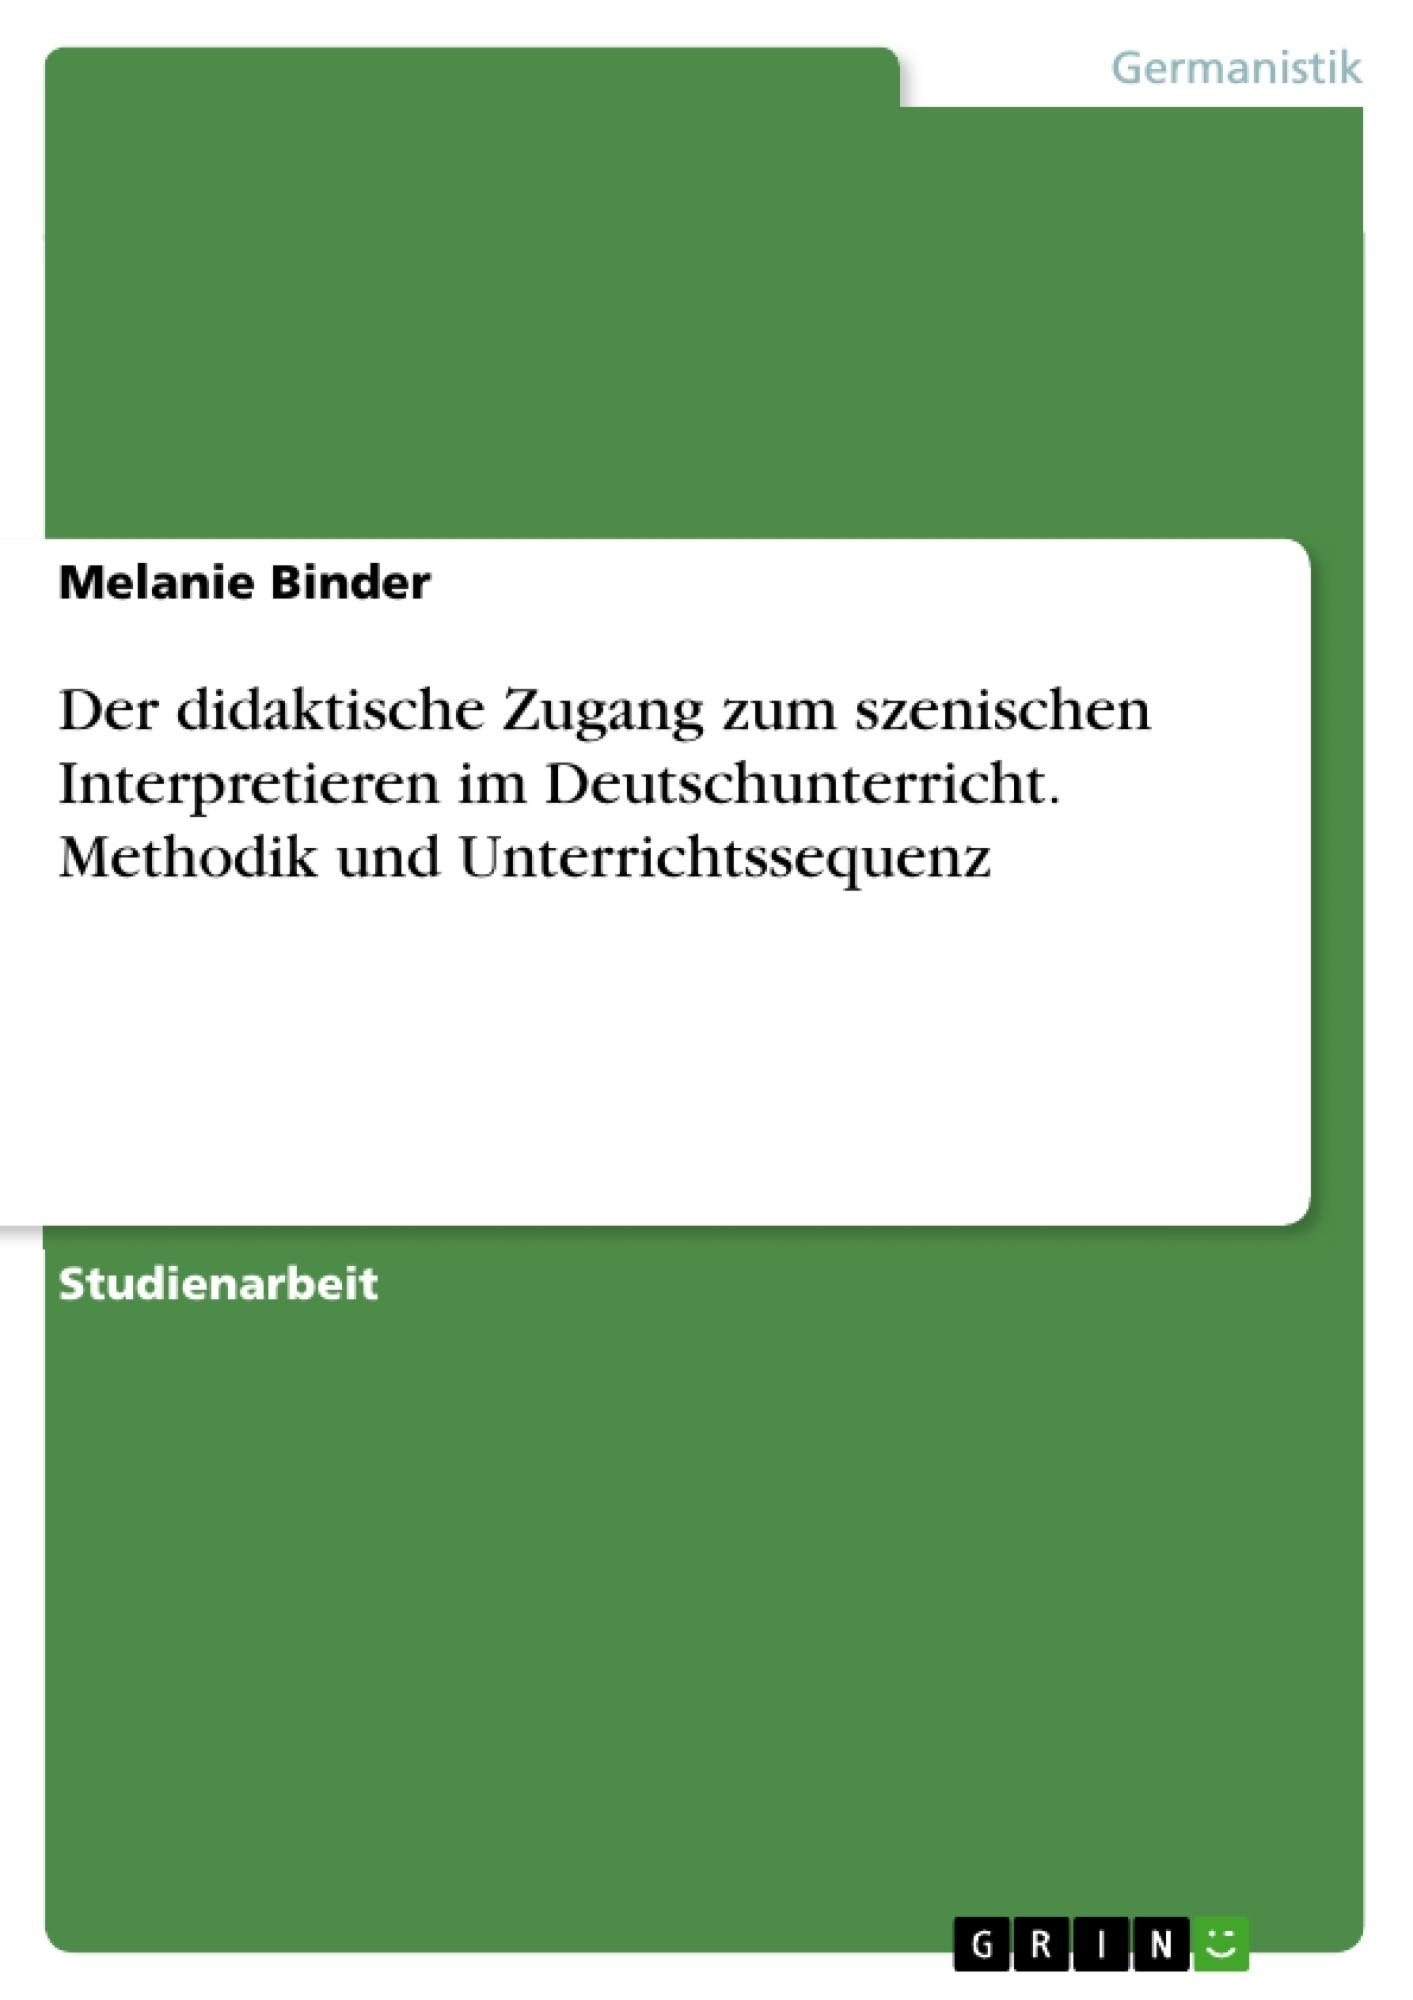 Titel: Der didaktische Zugang zum szenischen Interpretieren im Deutschunterricht. Methodik und Unterrichtssequenz